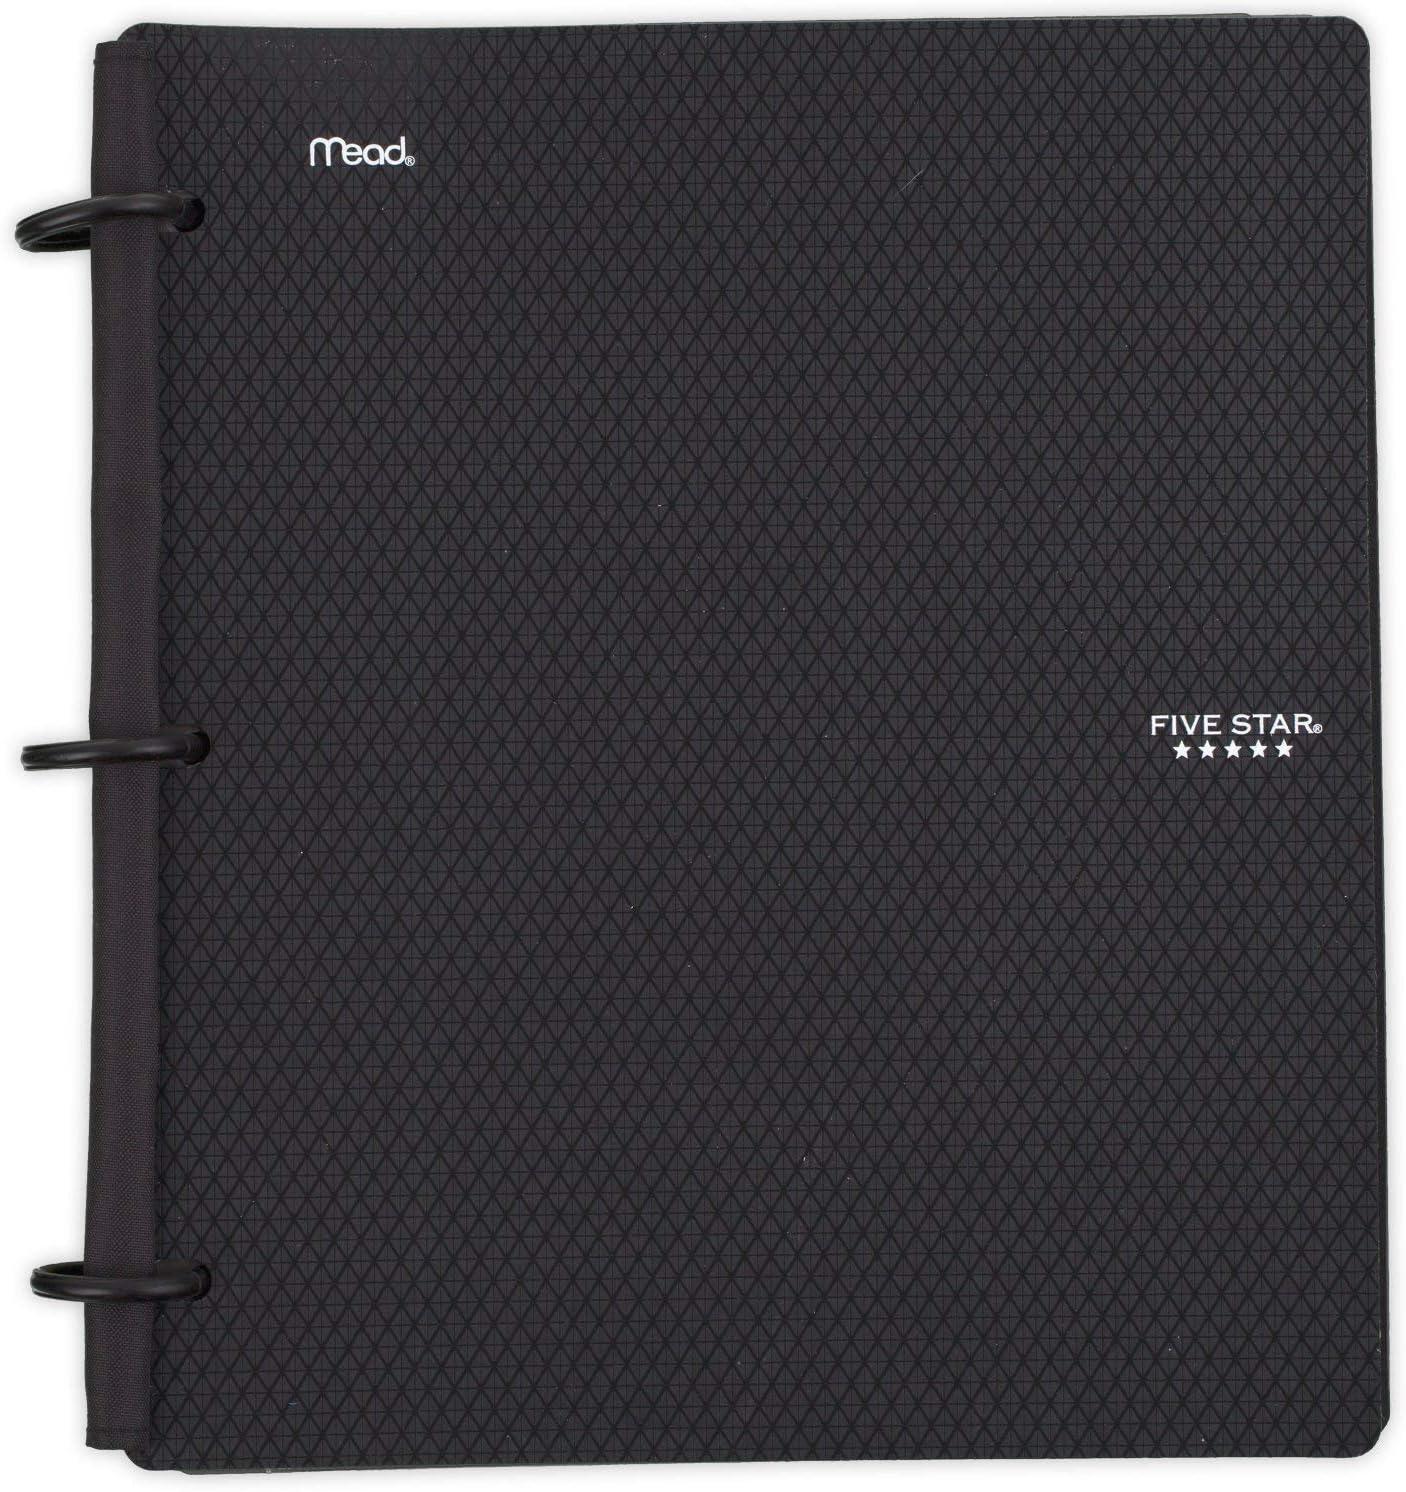 Five Star Flex Hybrid NoteBinder, 1 Inch Binder, Notebook and Binder All-in-One, Black (72009)